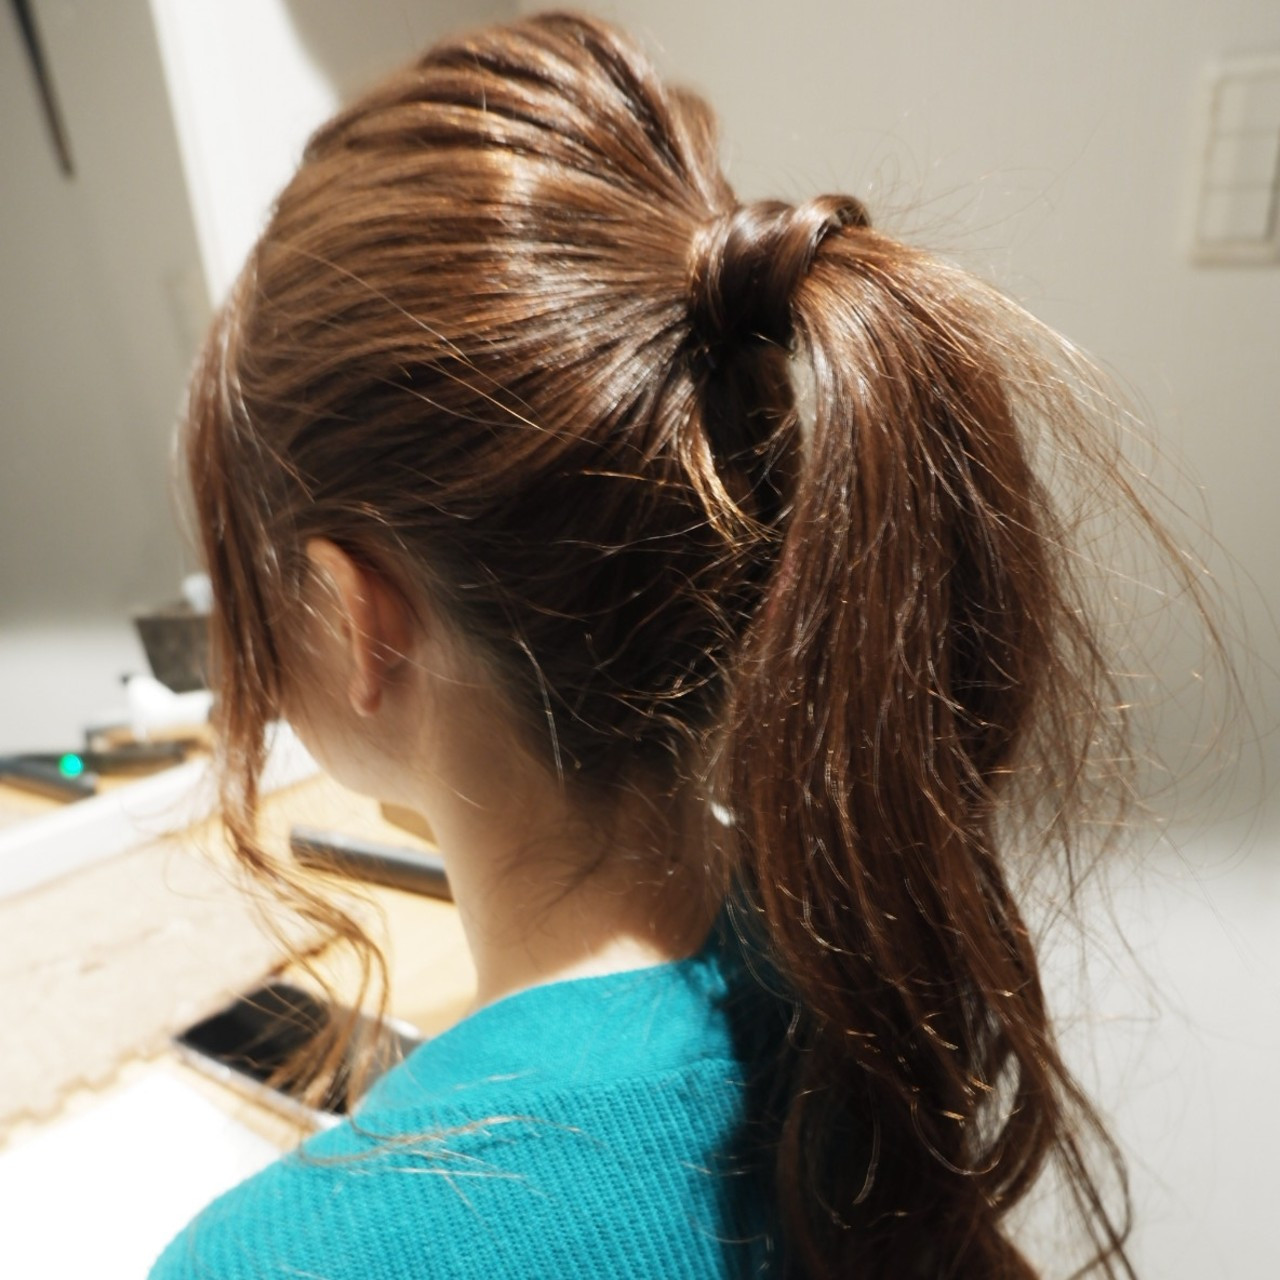 ナチュラル ポニーテール ロング 簡単ヘアアレンジ ヘアスタイルや髪型の写真・画像